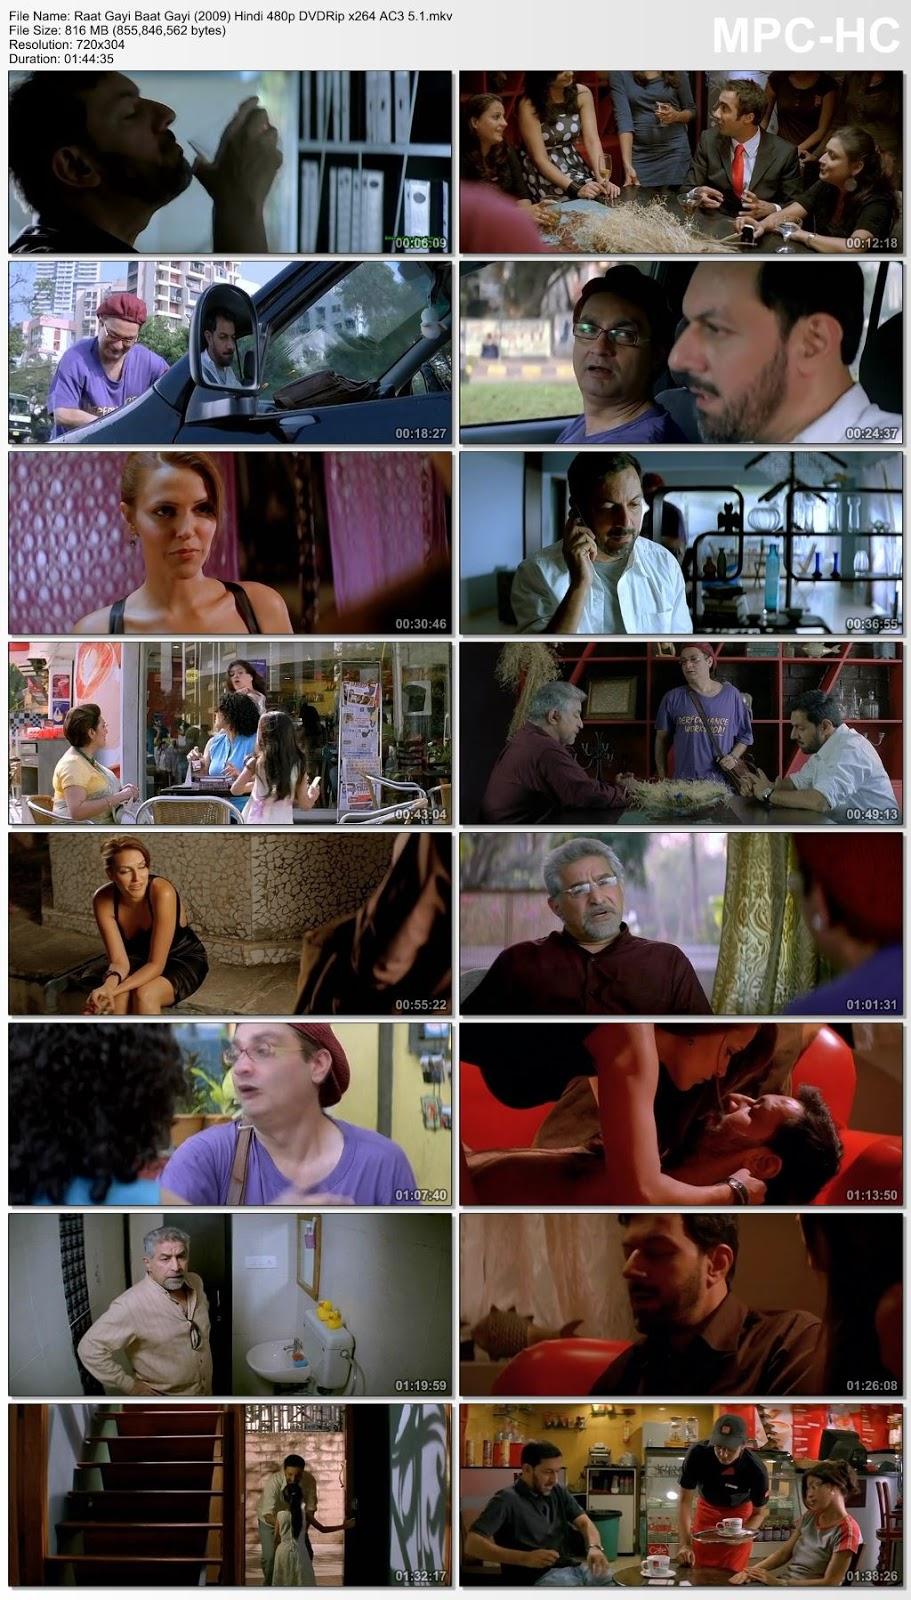 Raat Gayi Baat Gayi (2009) Hindi 480p DVDRip x264 AC3 5.1 – 800MB Desirehub